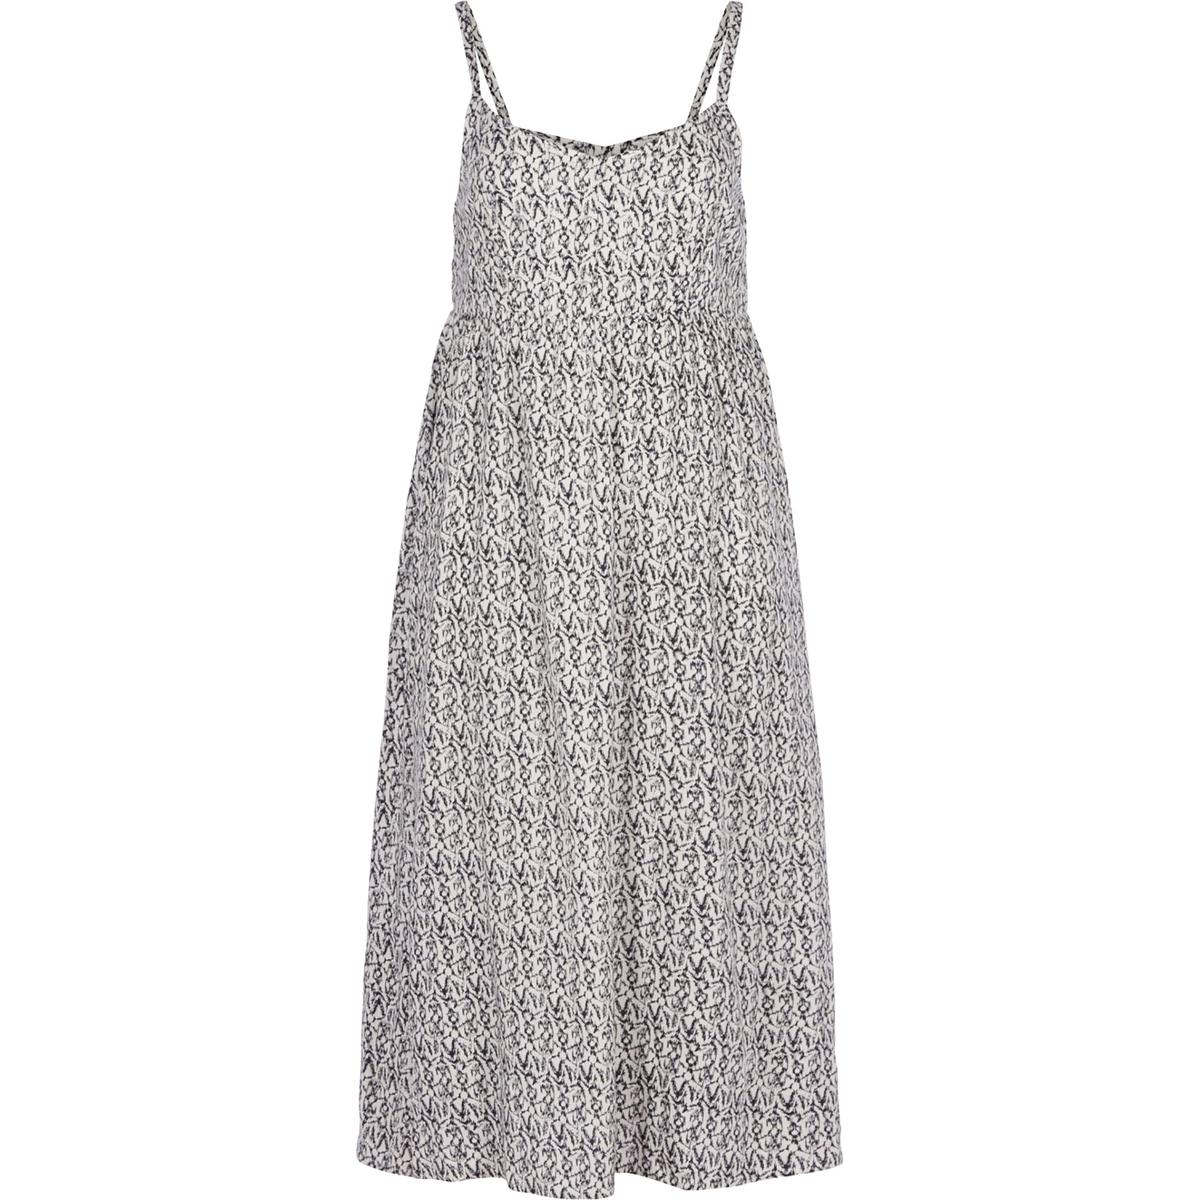 Платье ZIZZI платье струящееся с рисунком